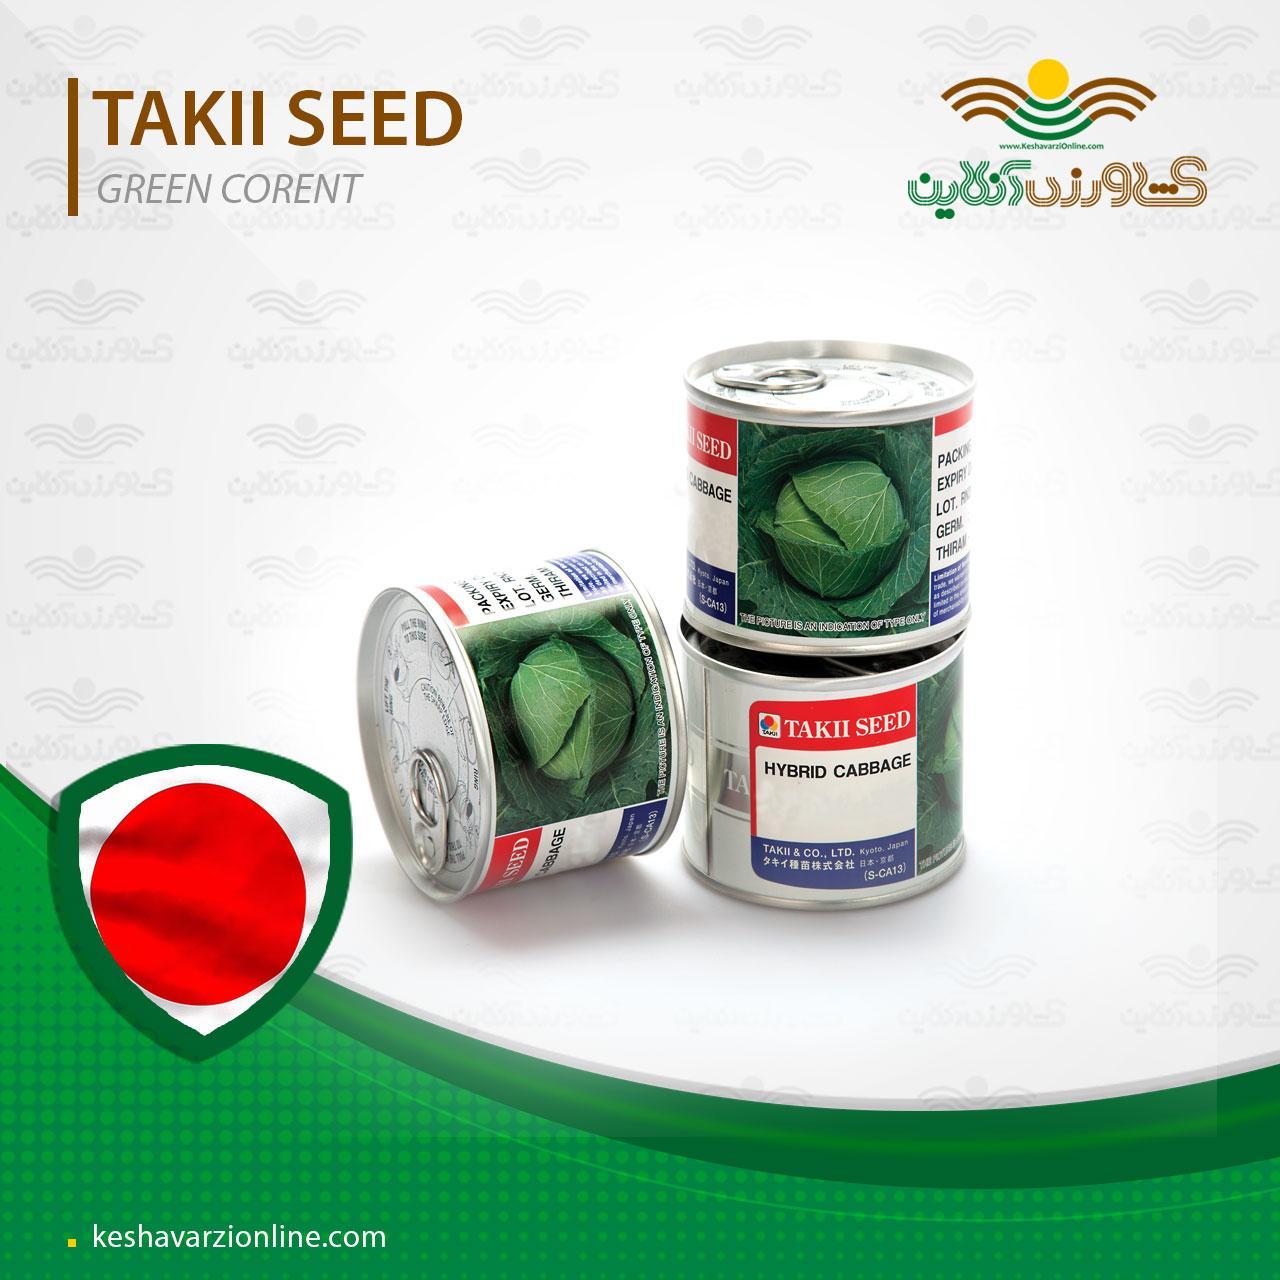 بذر کلم پیچ یا کلم برگ گرین کرنت تاکی ژاپن